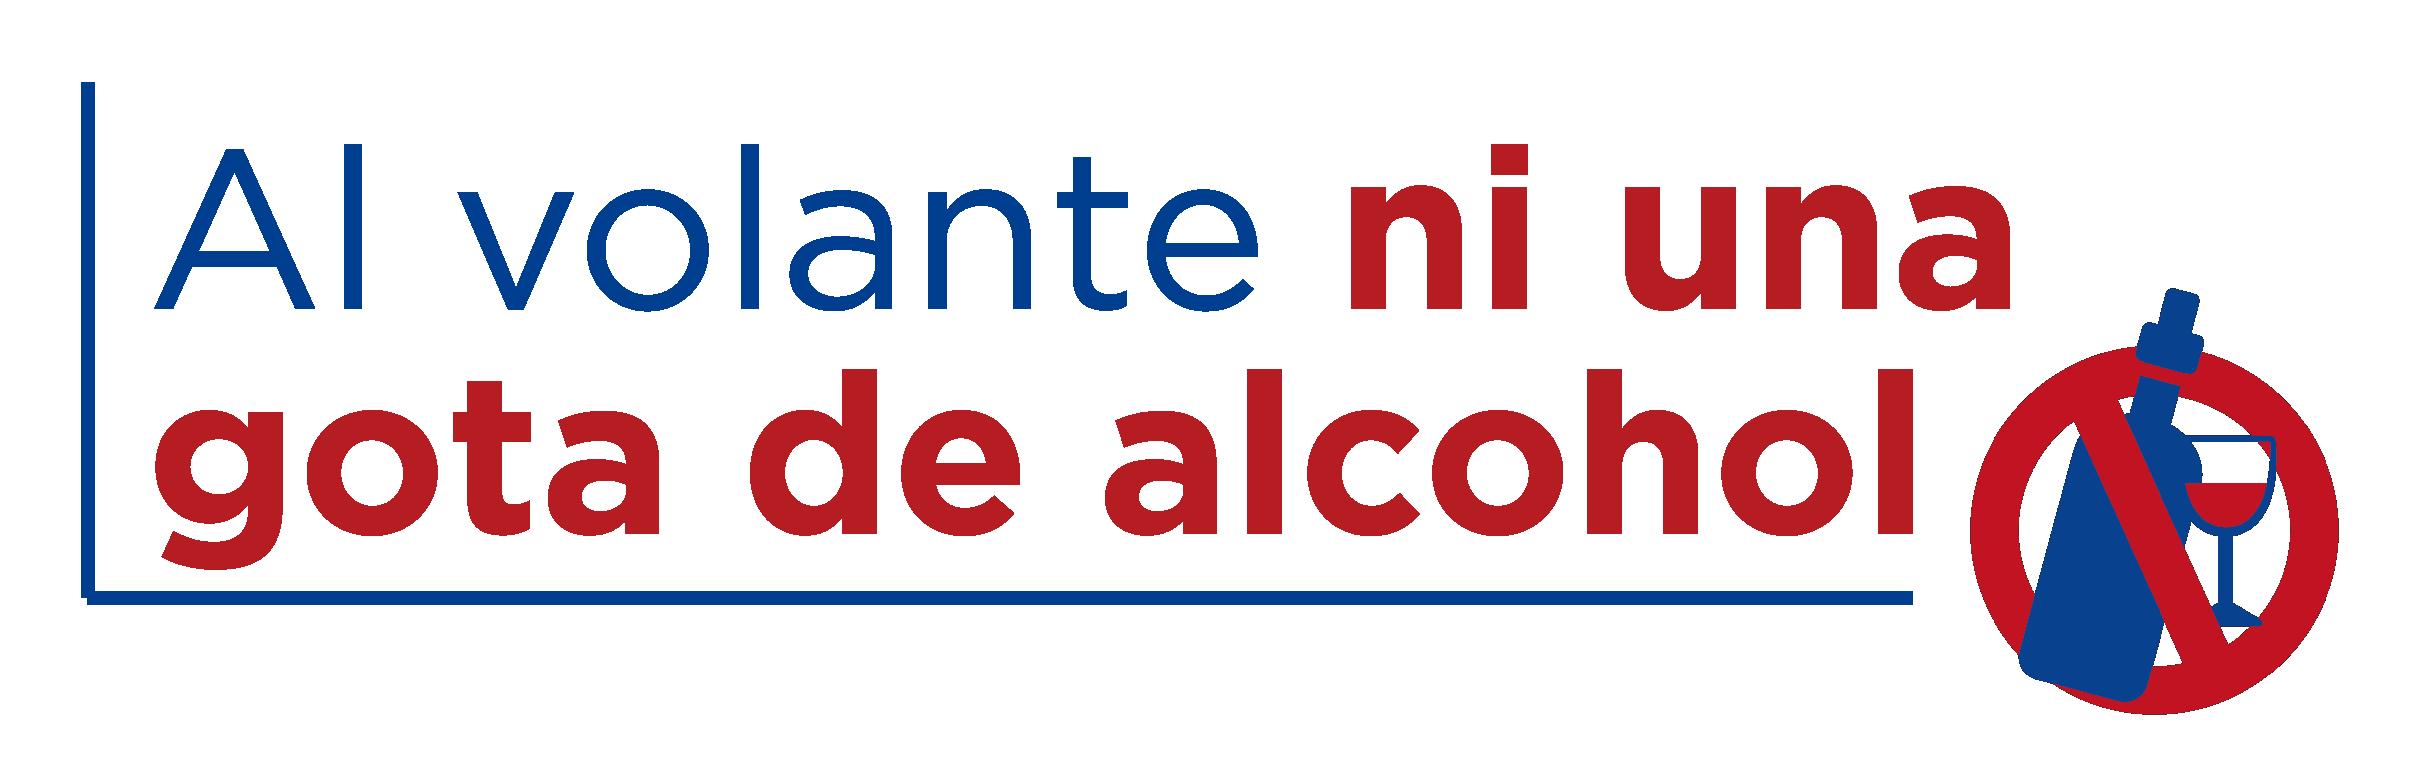 Al volante ni una gota de alcohol